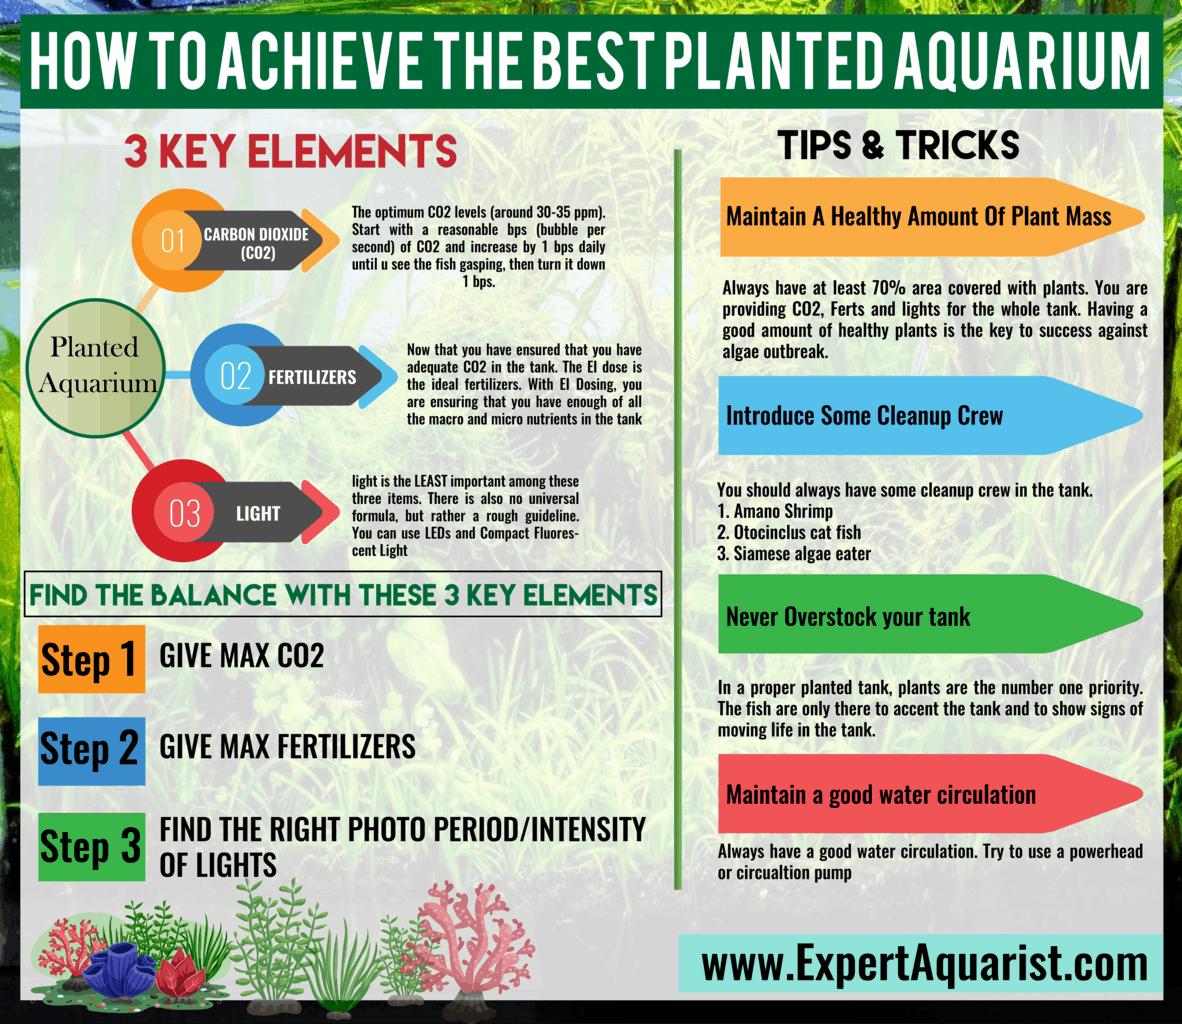 How to Achive the Best Planted Aquarium